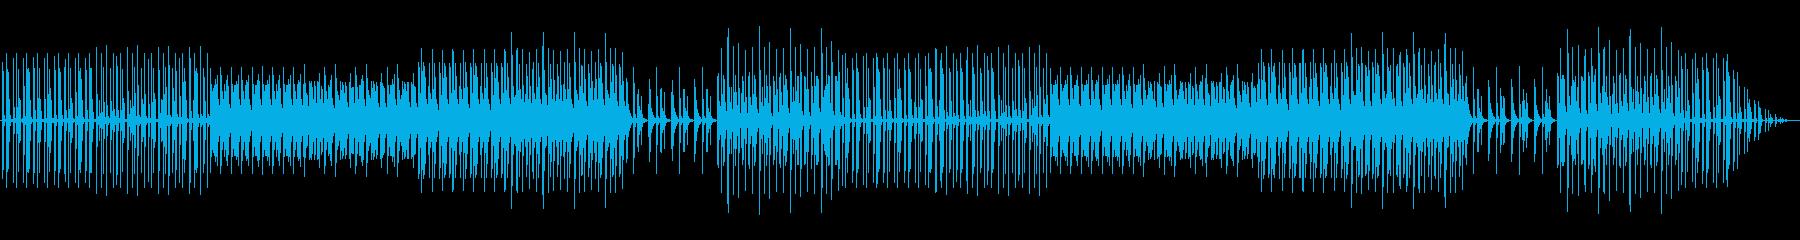 三角形で作ったクセになるリズムの再生済みの波形